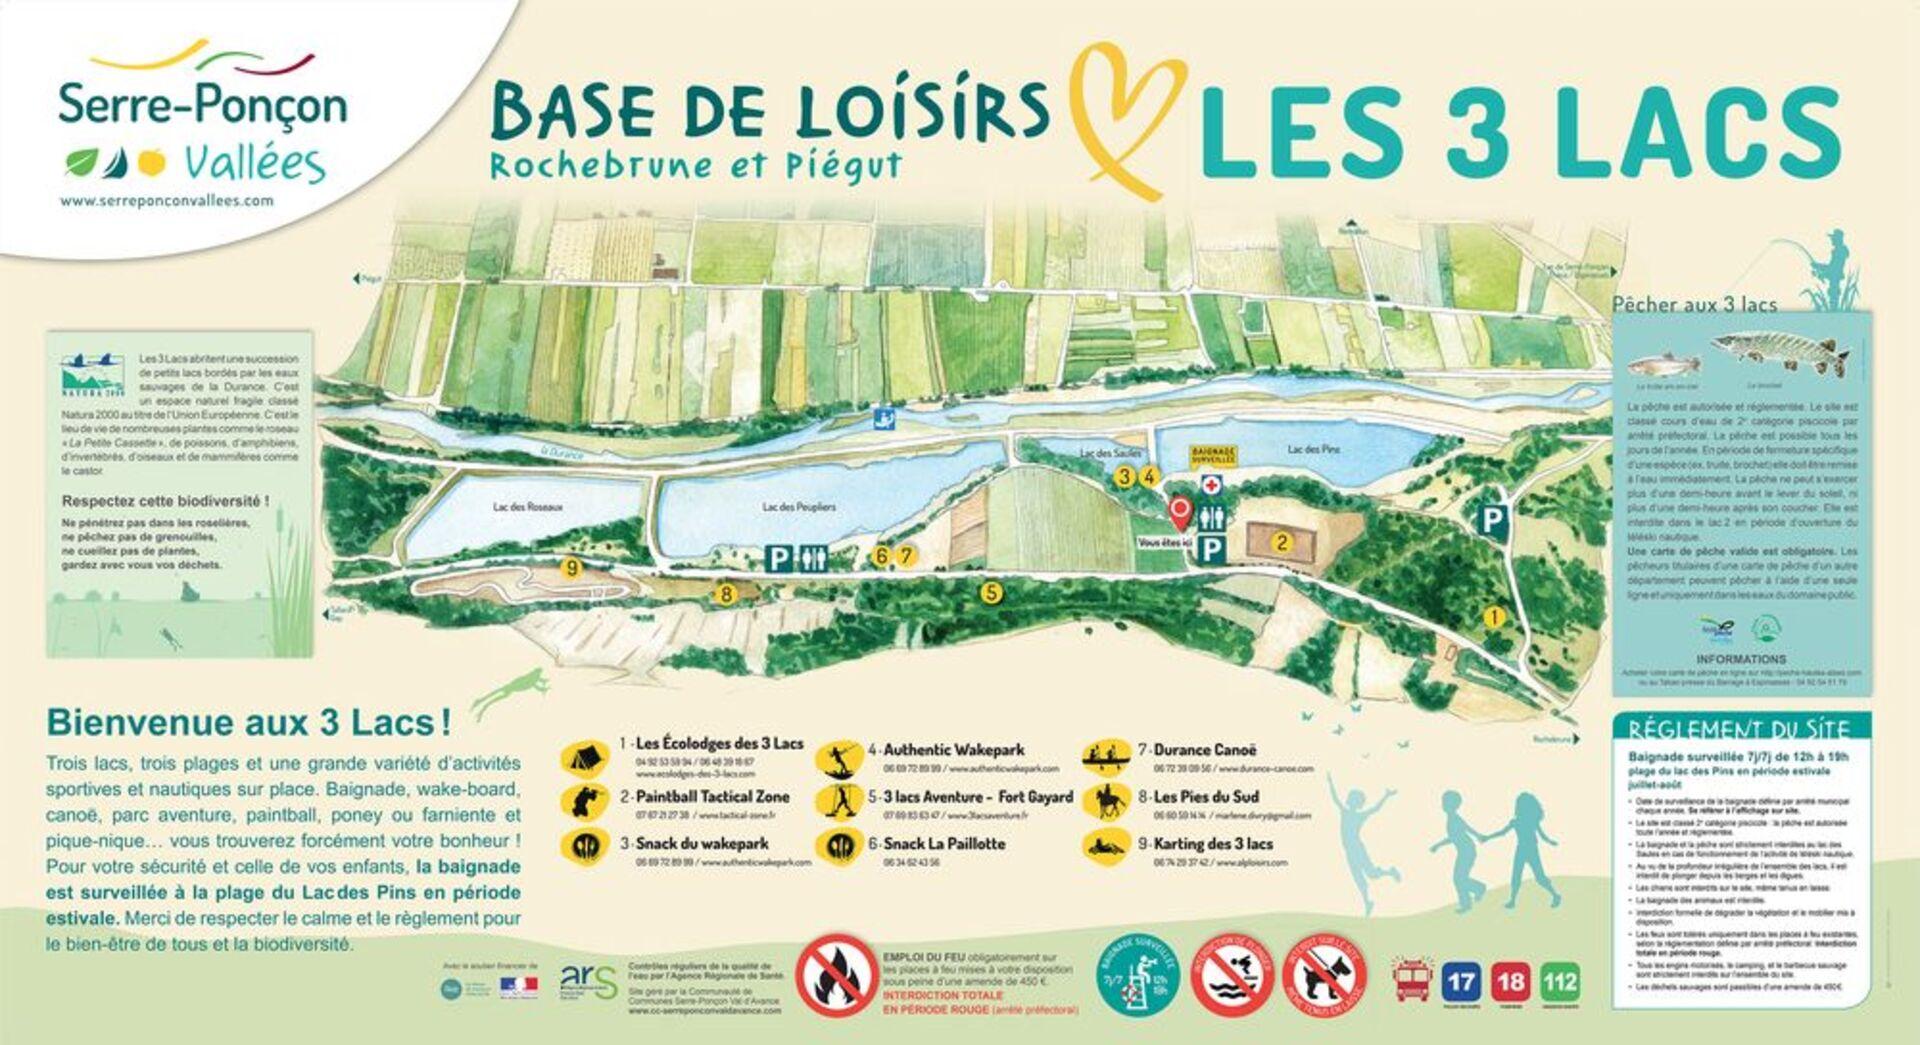 Plan de la Base de Loisirs Les 3 Lacs